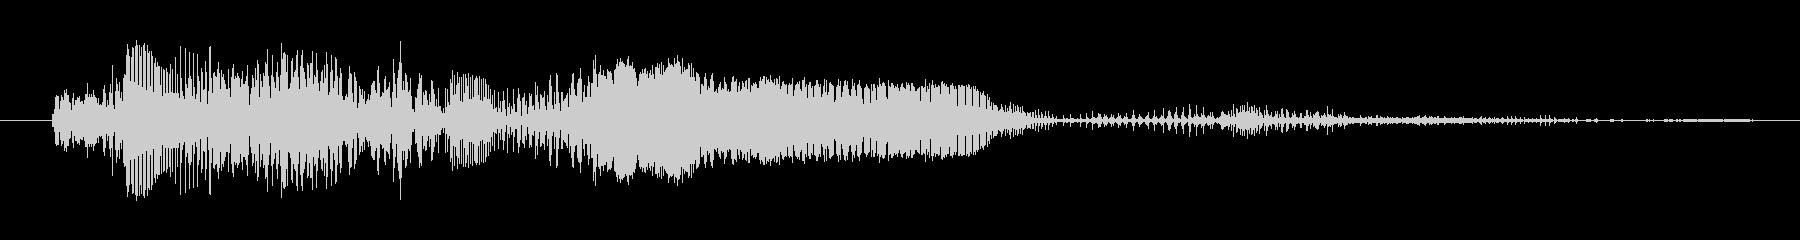 モンスター ダイハイ09の未再生の波形